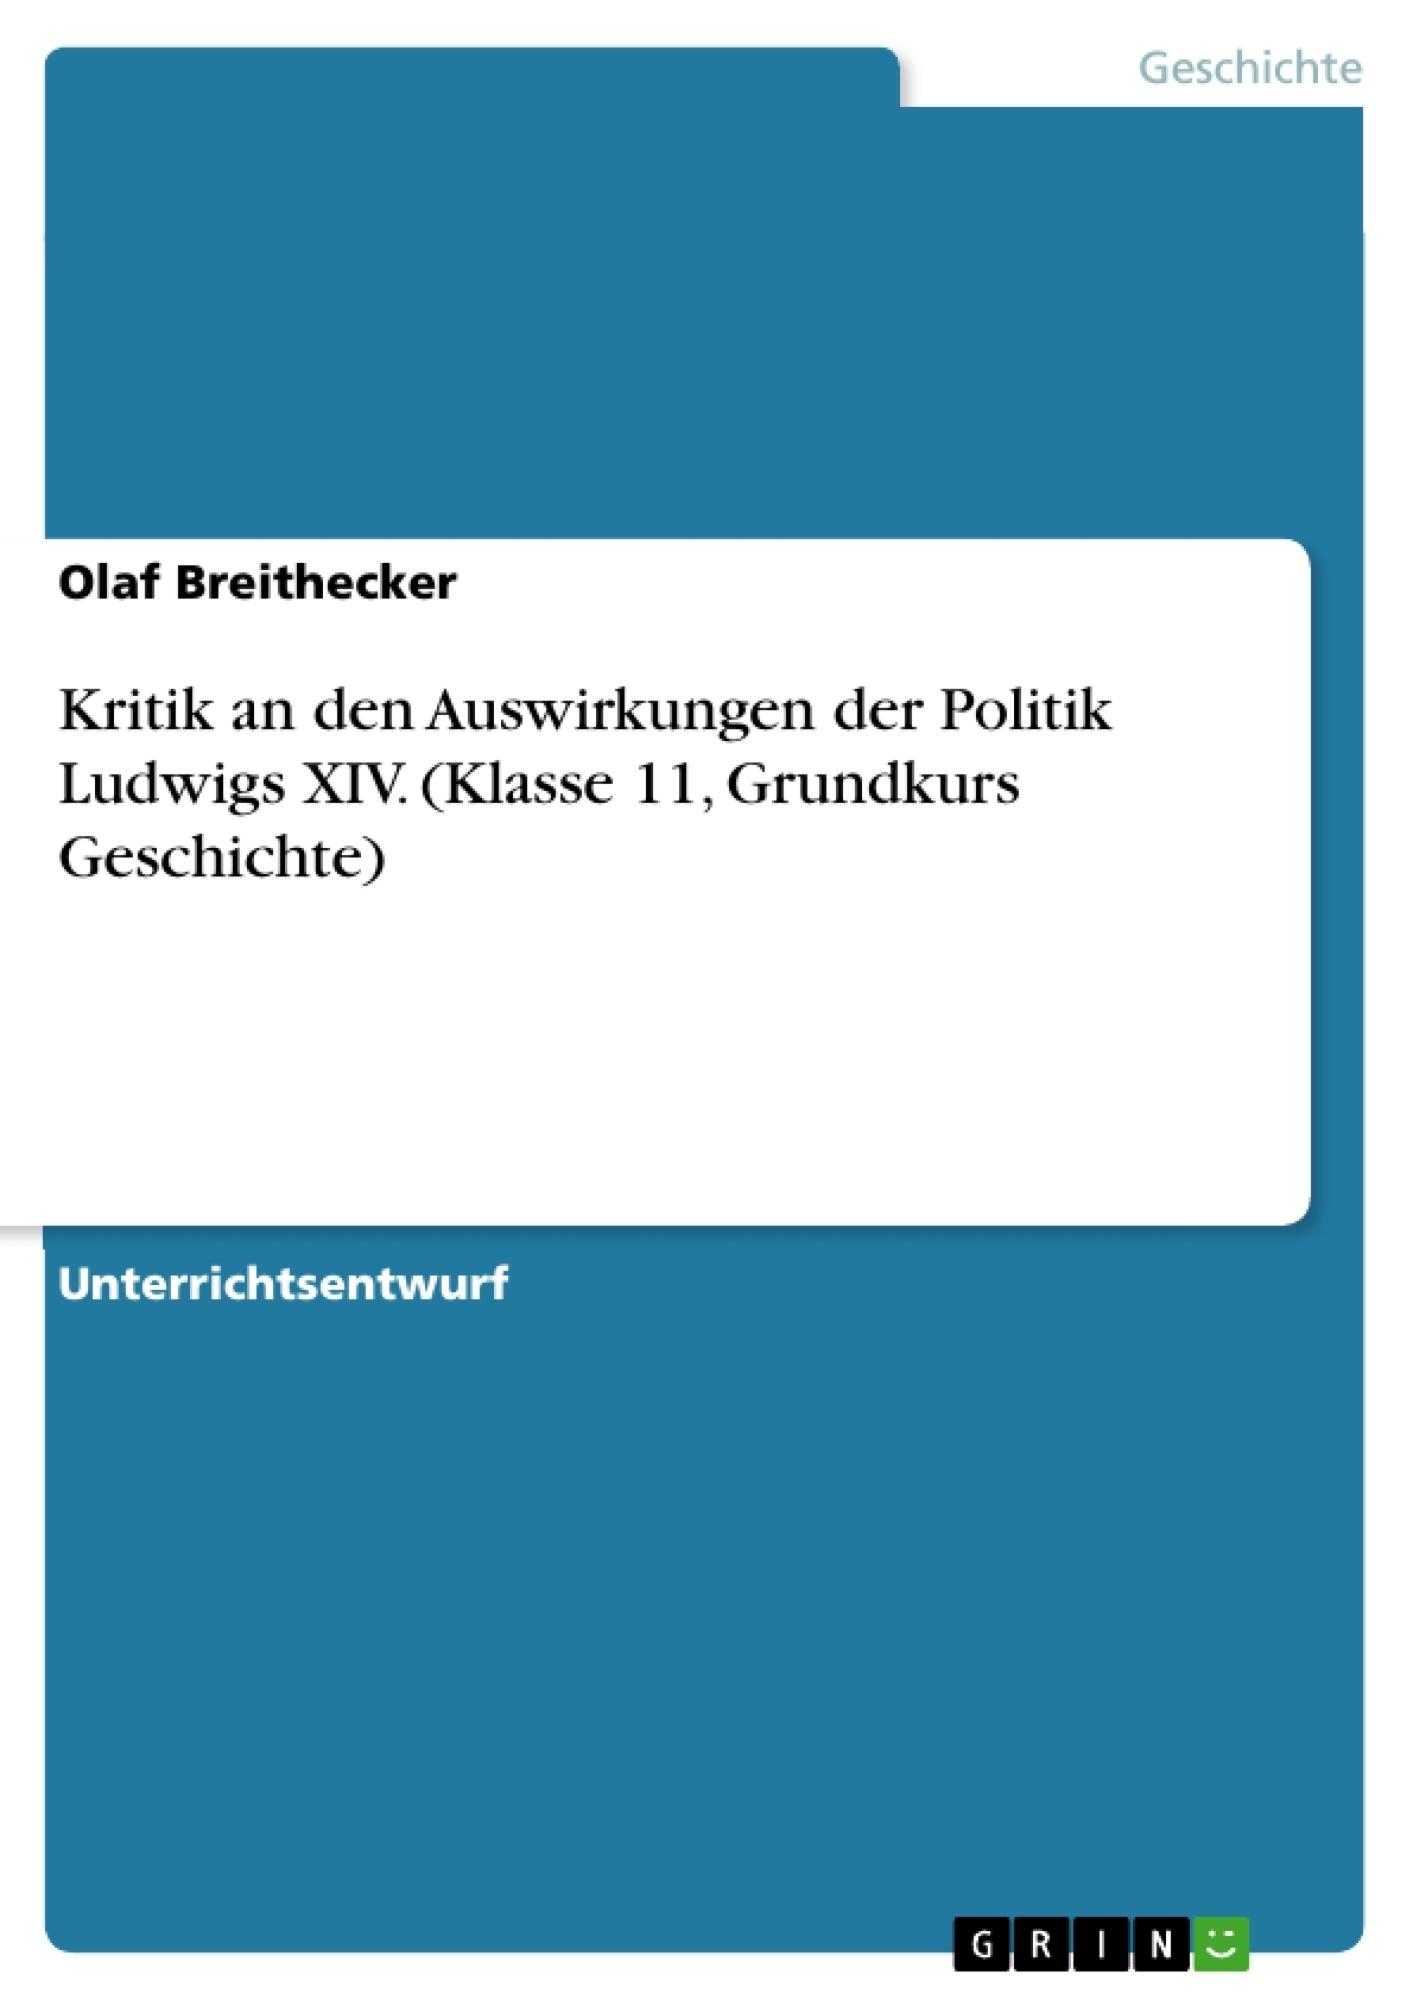 Titel: Kritik an den Auswirkungen der Politik Ludwigs XIV. (Klasse 11, Grundkurs Geschichte)